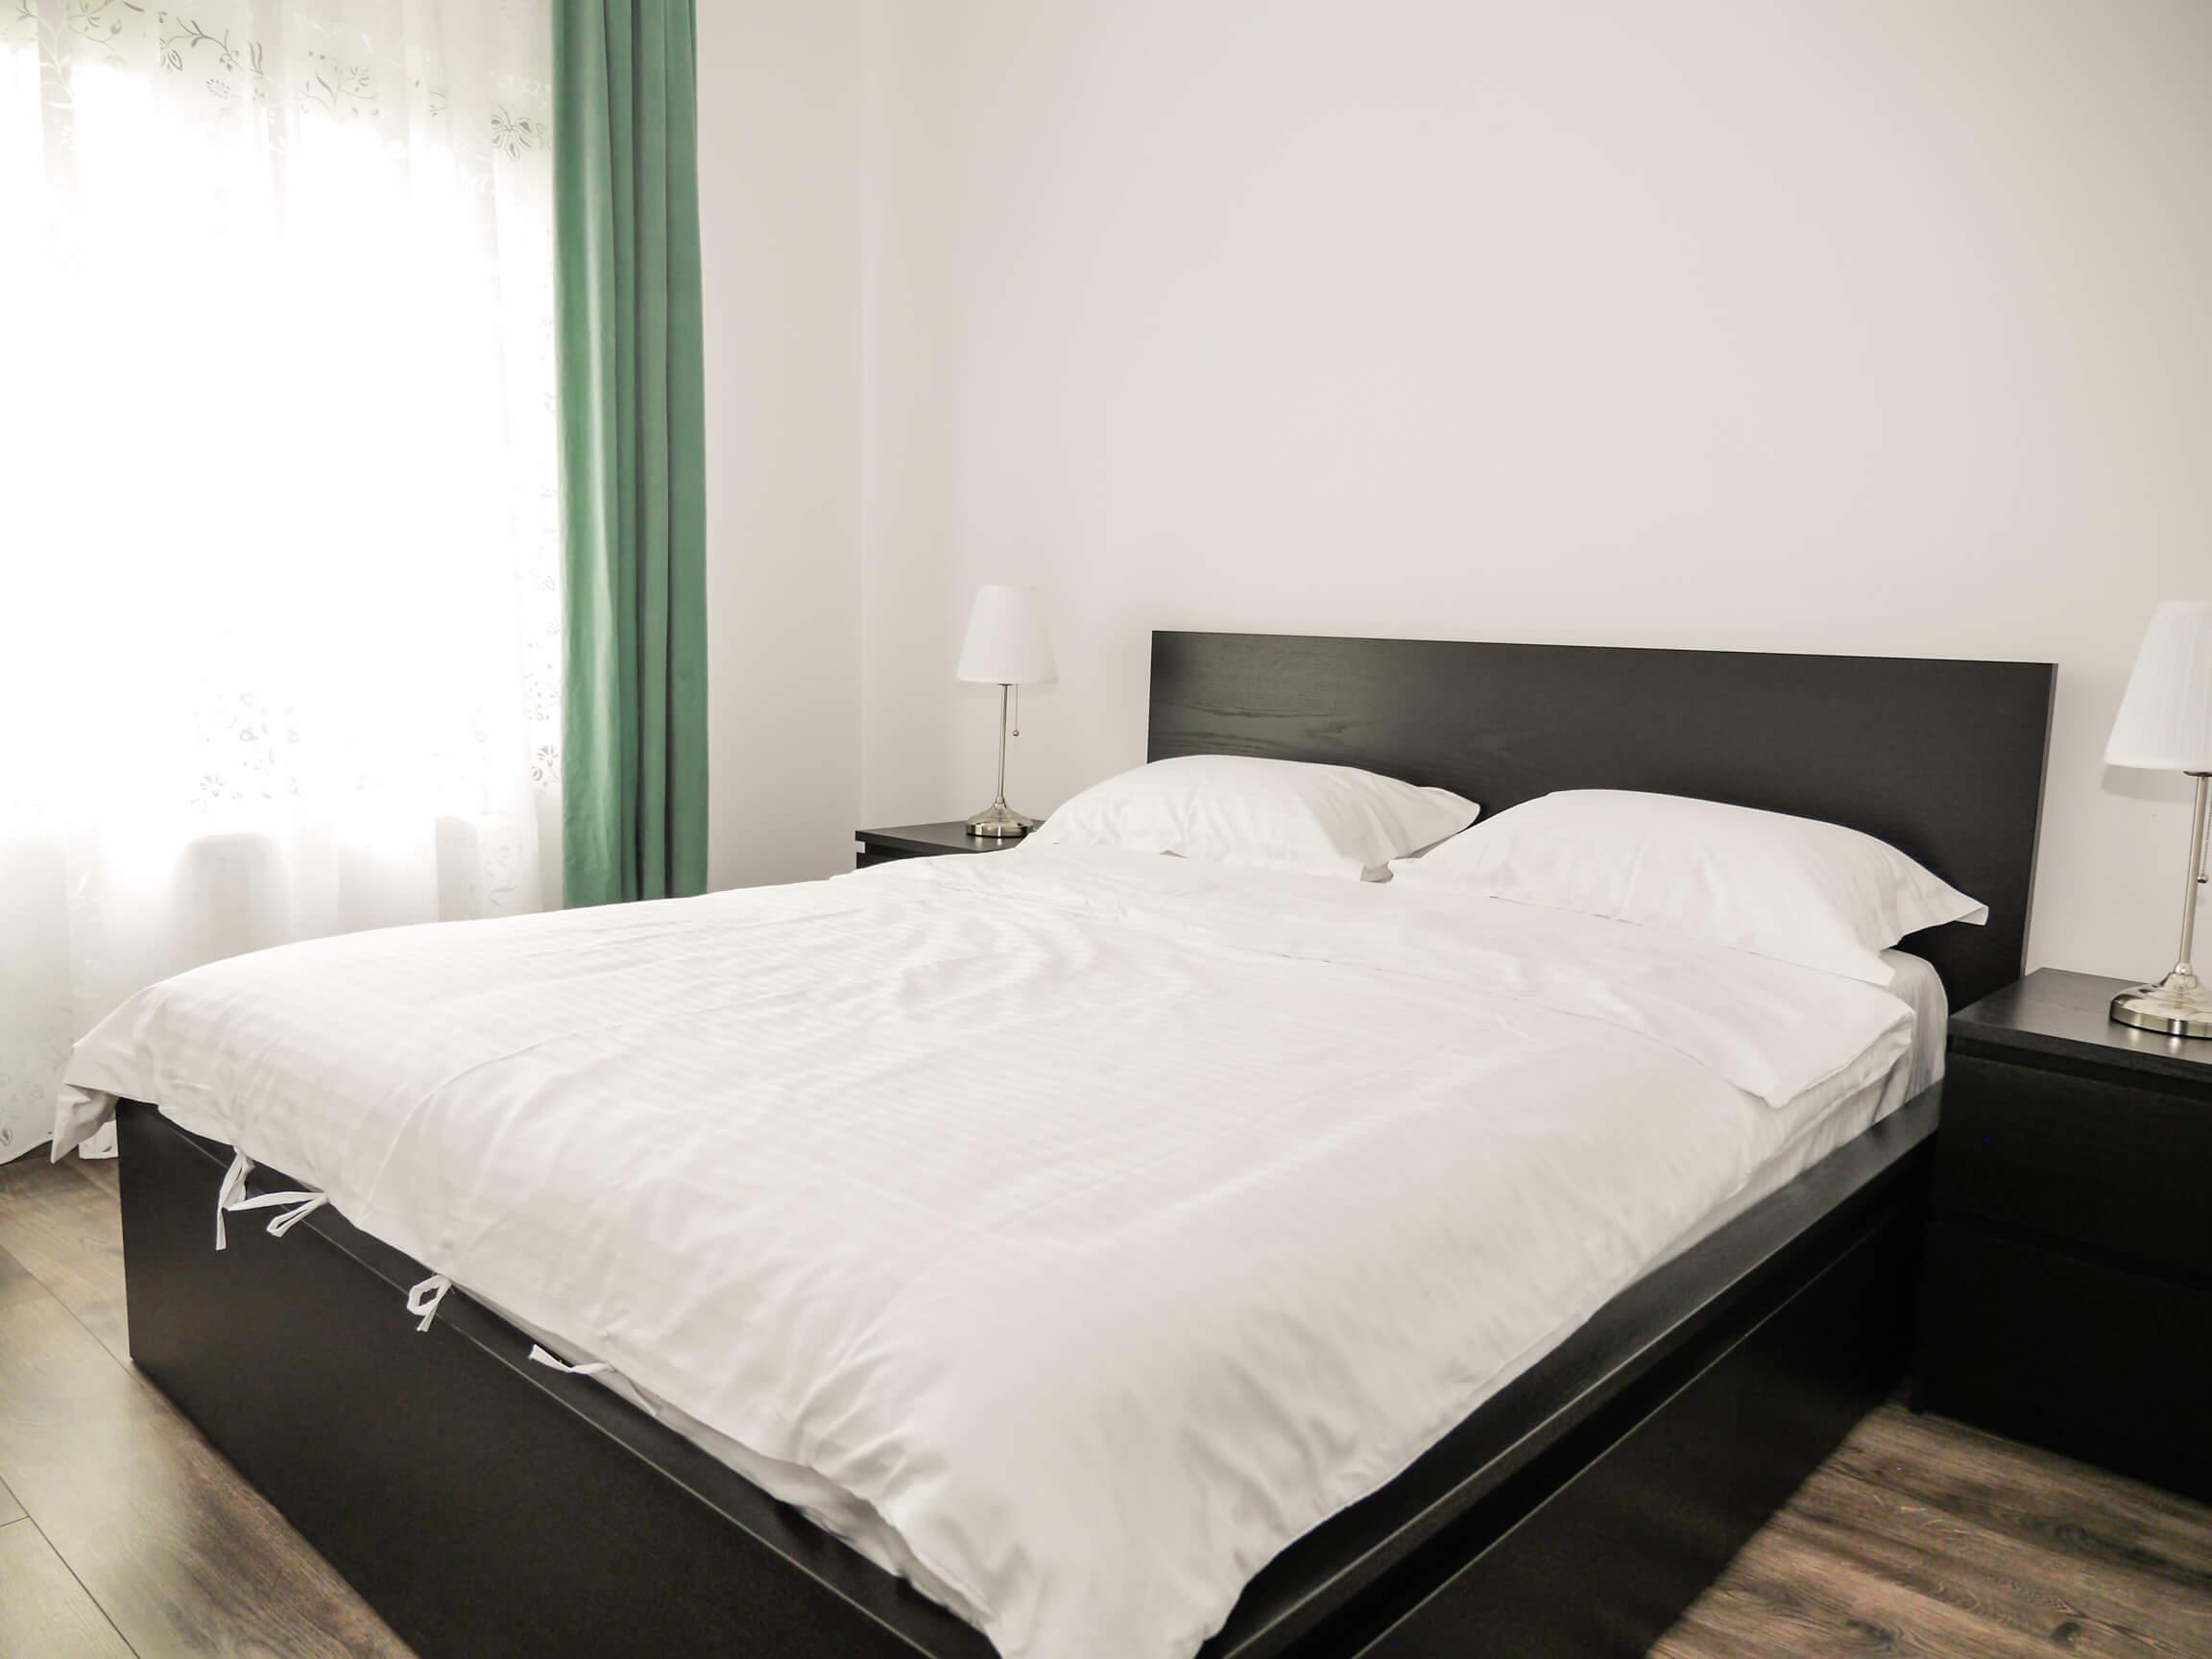 Clement Apartments - apartamente de inchiriat in regim hotelier - cazare neamt - cazare piatra neamt - apartament 8 (4)